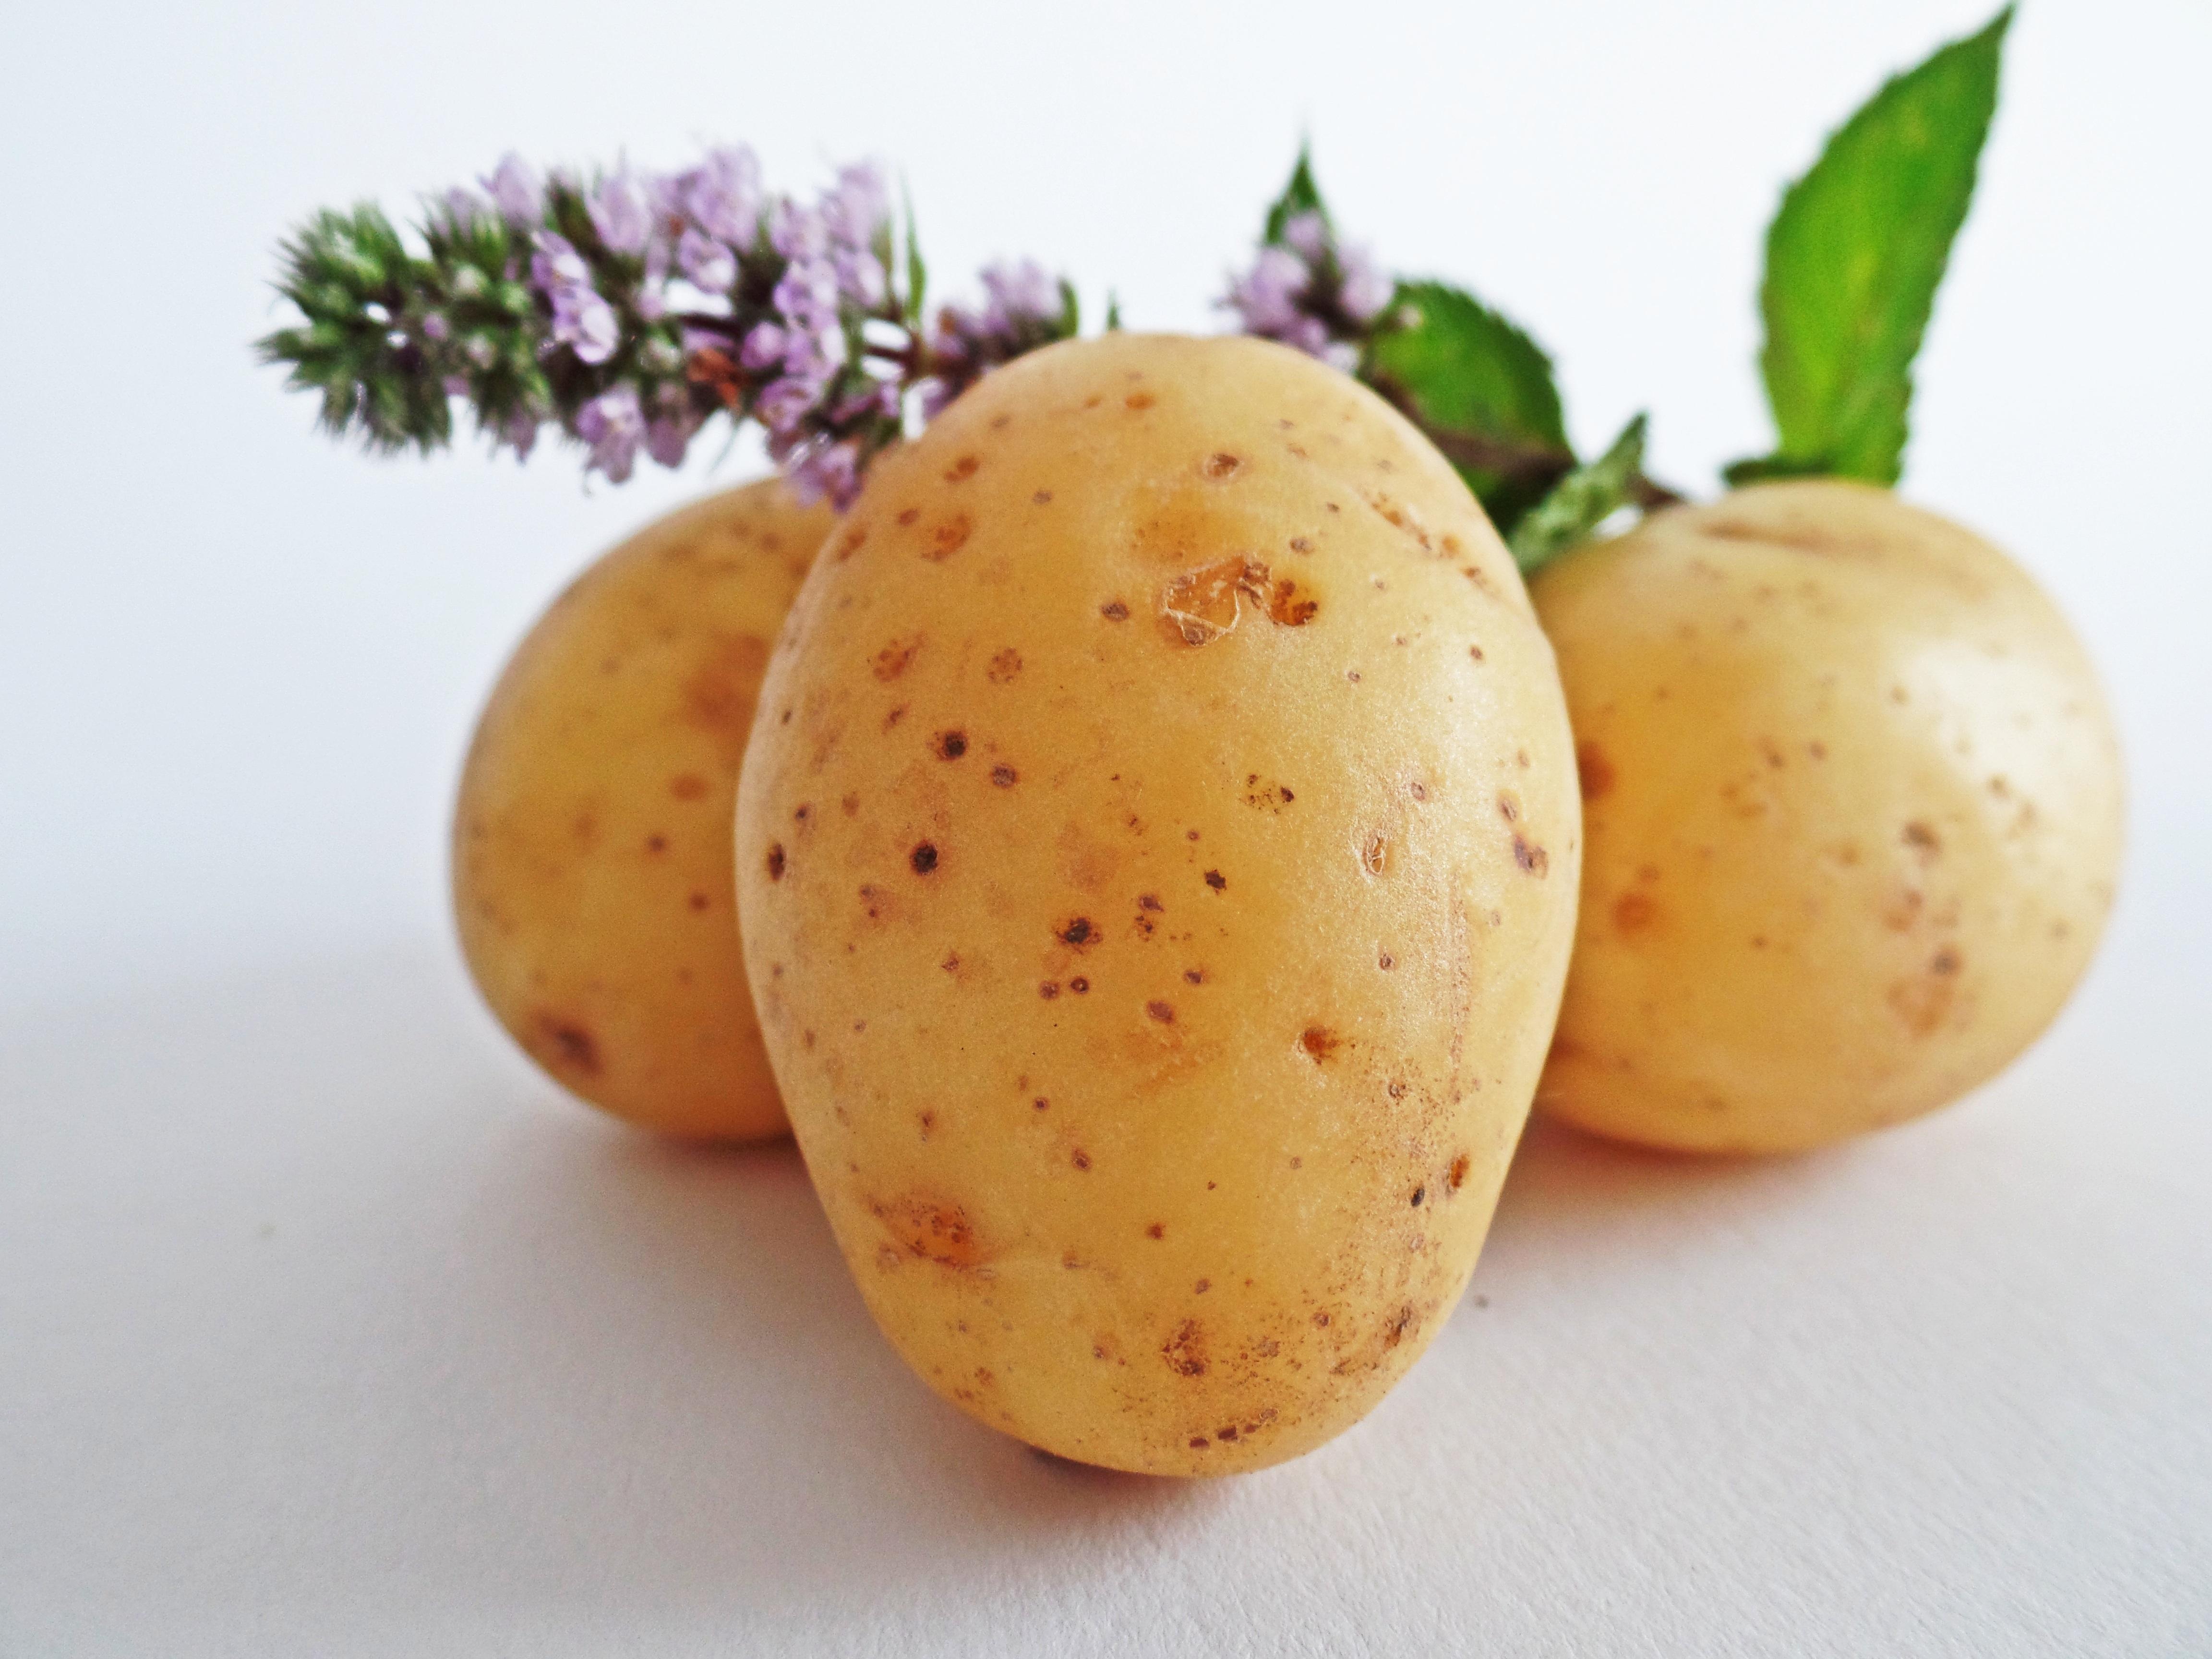 Kartoffel Bilder Kostenlos kostenlose foto natur feld frucht lebensmittel produzieren